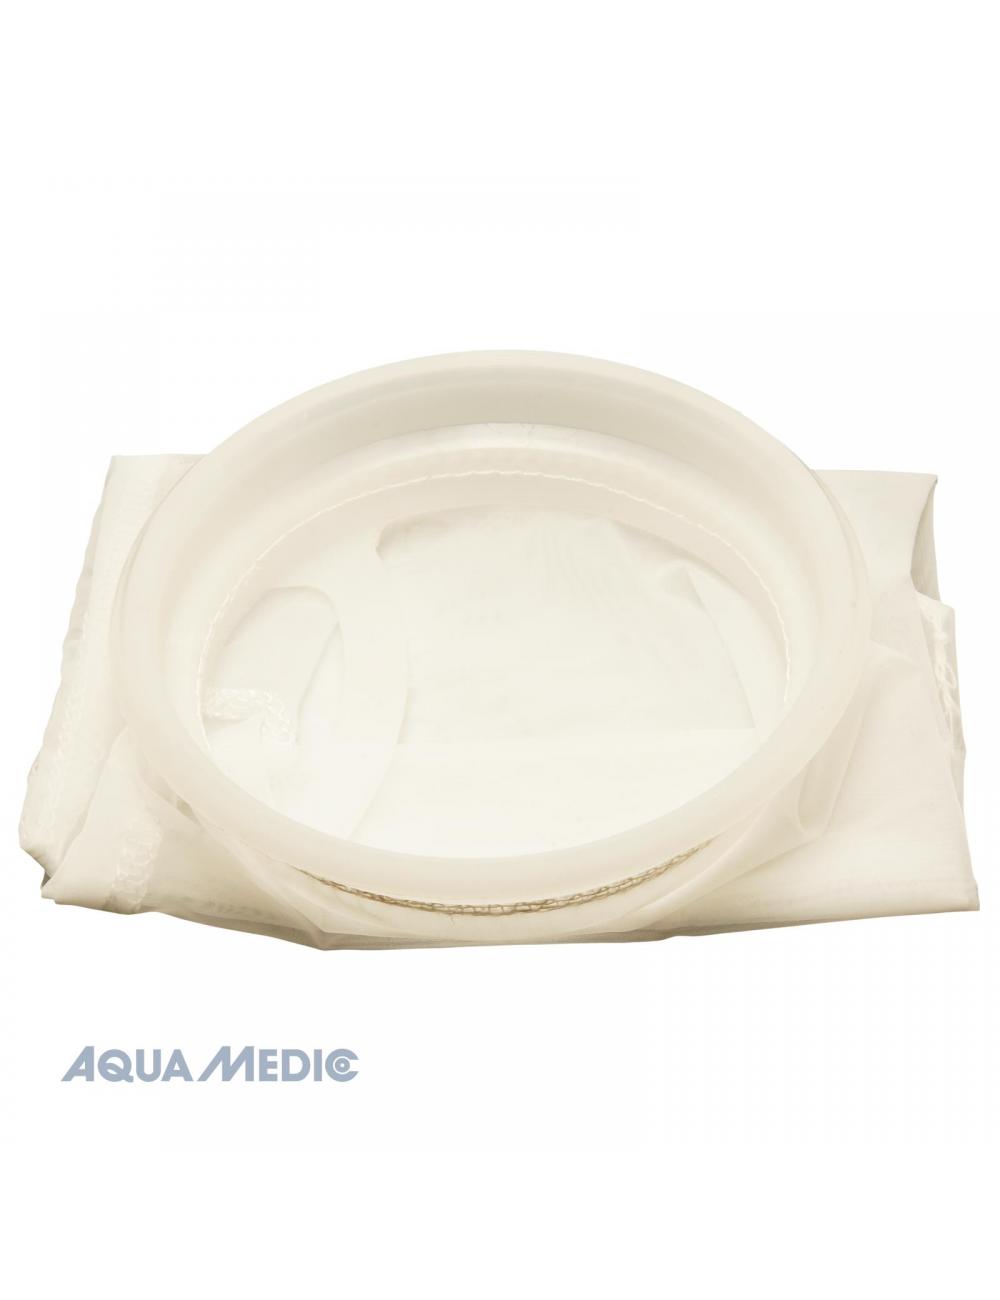 AQUA-MEDIC - filter bag 4 (2 pcs.) - Microns bag diam. 12cm